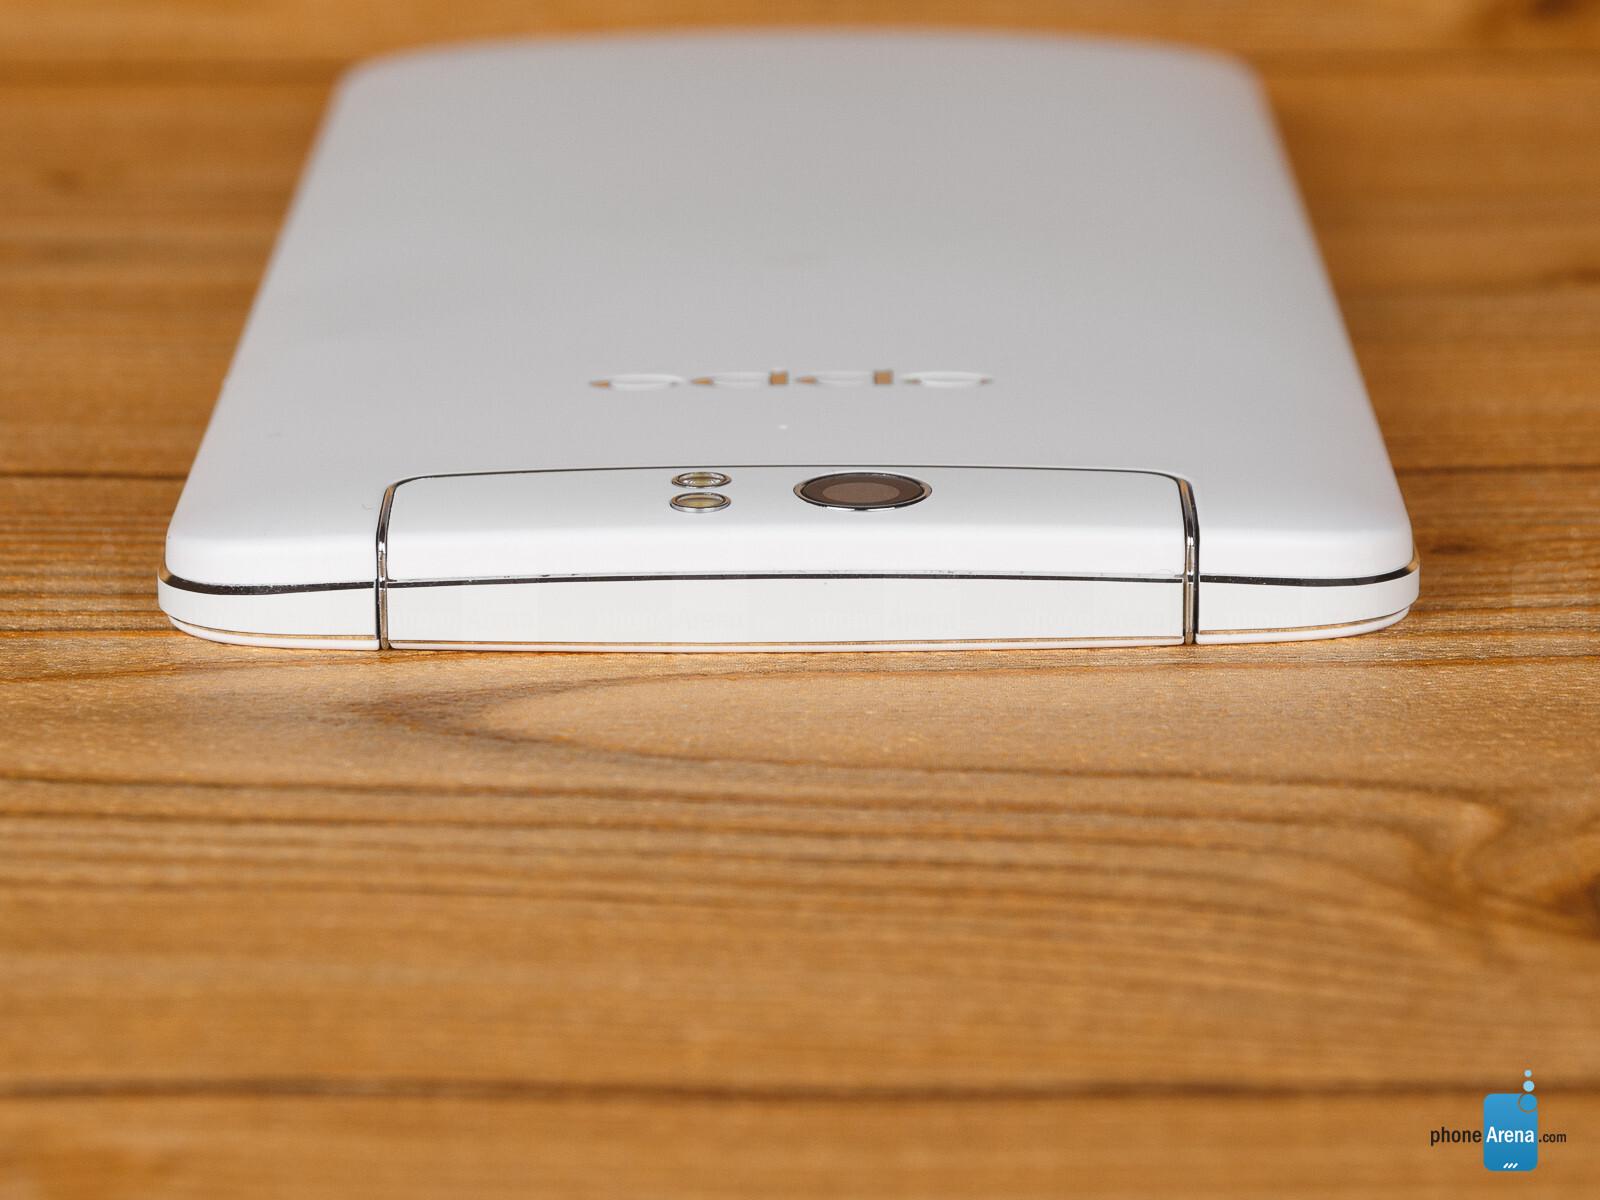 Đánh giá Oppo N1: Phablet, camera xoay, cảm biến mặt lưng